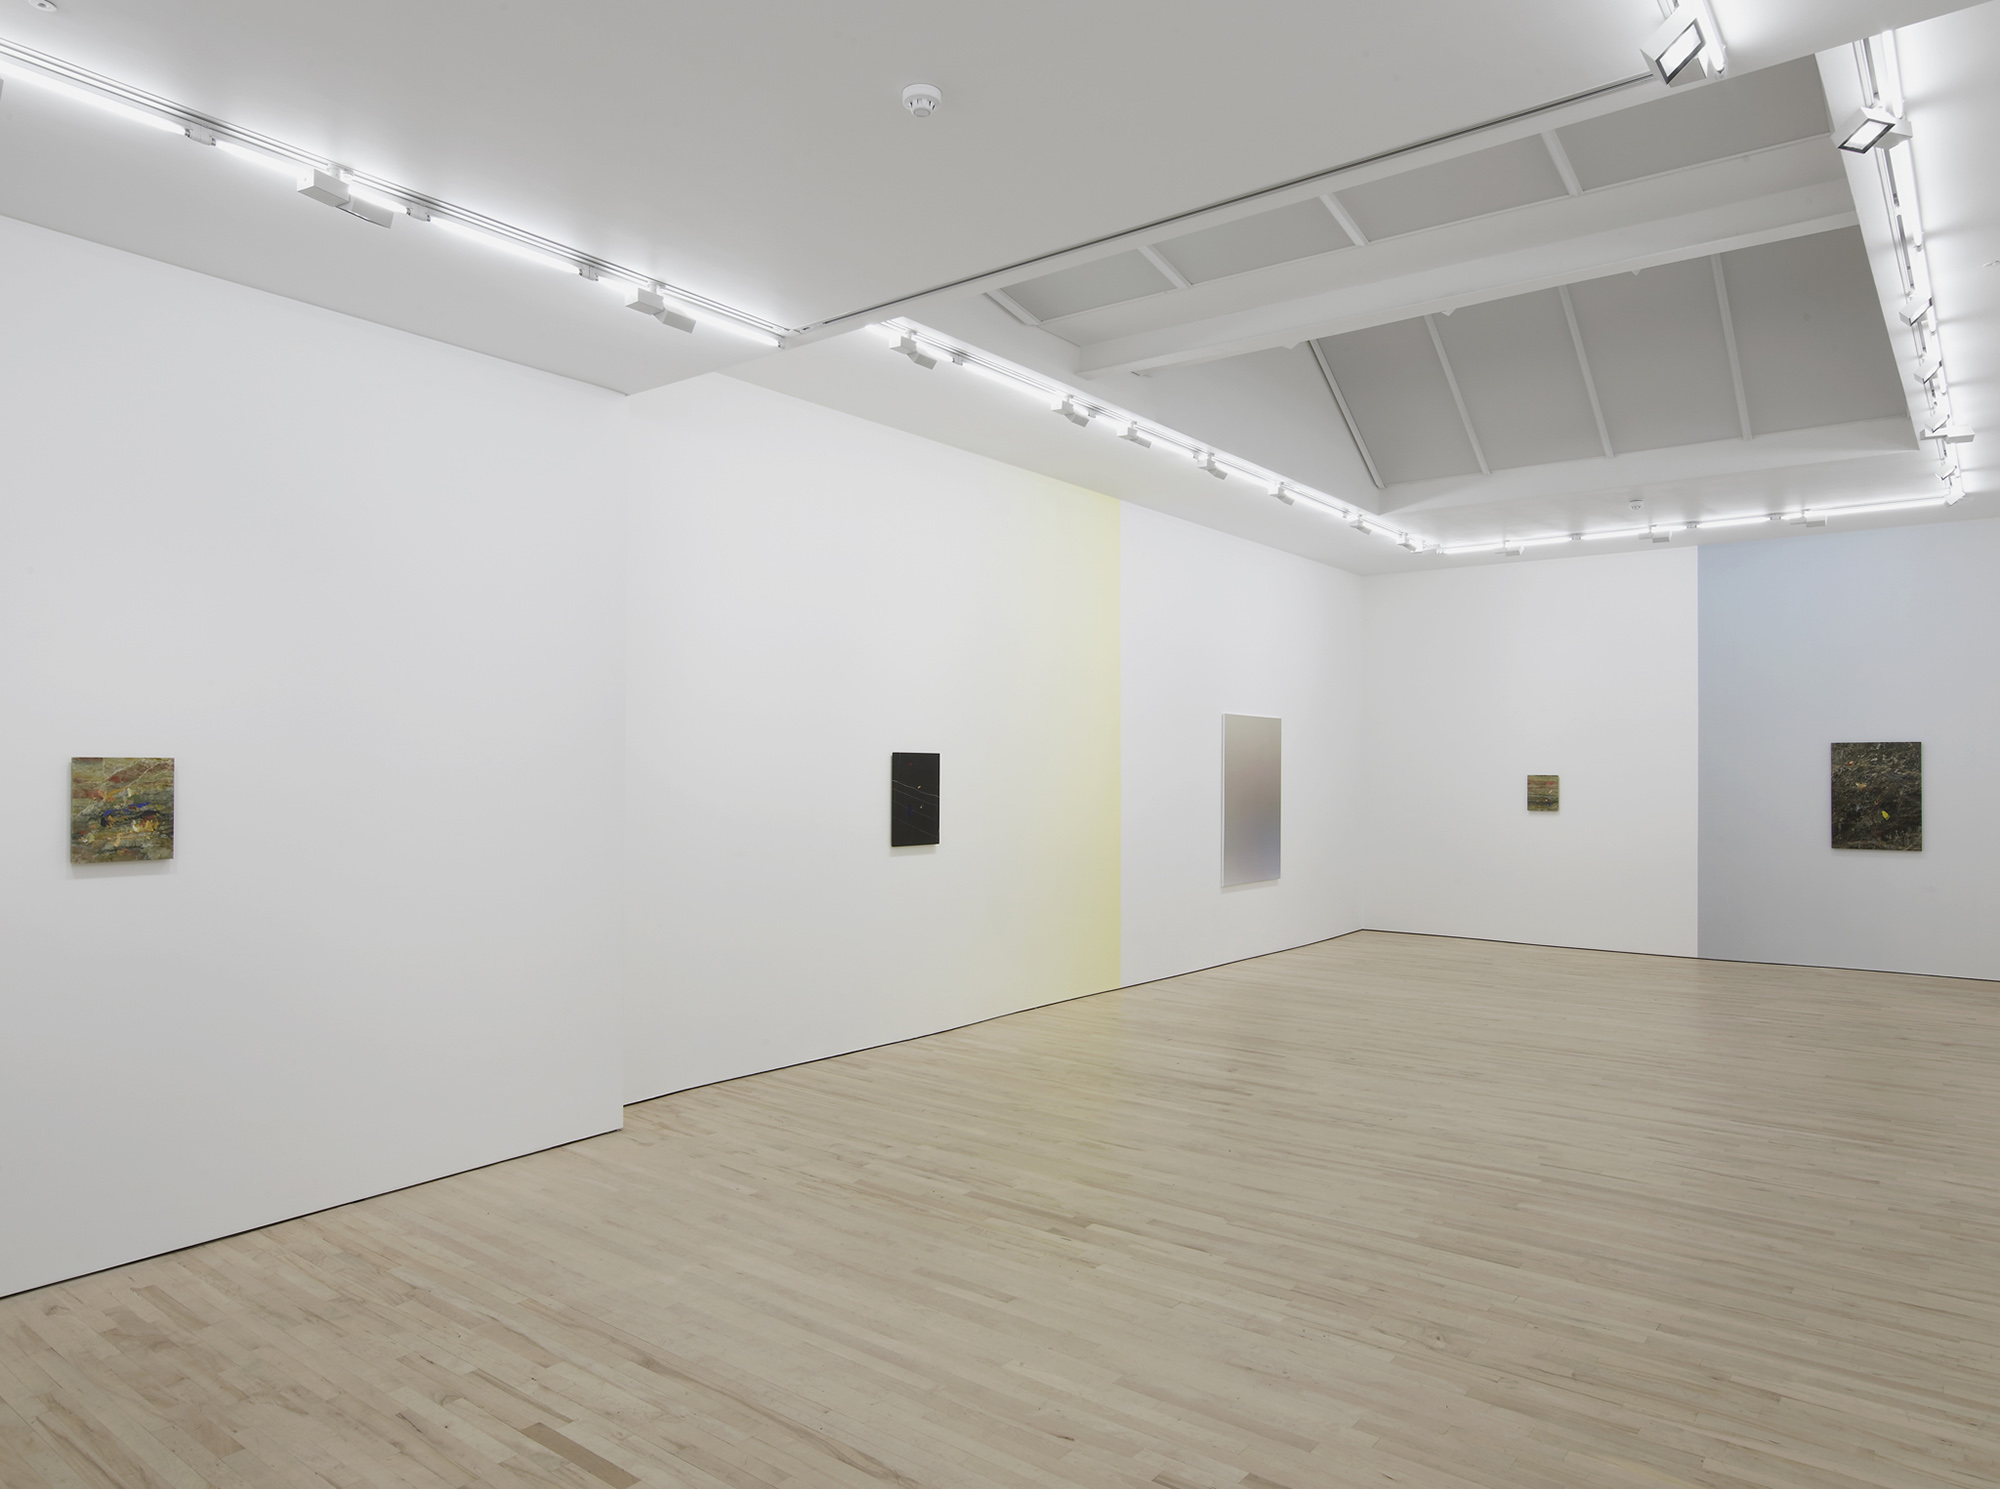 3 - Pieter Vermeersch at Carl Freedman Gallery London